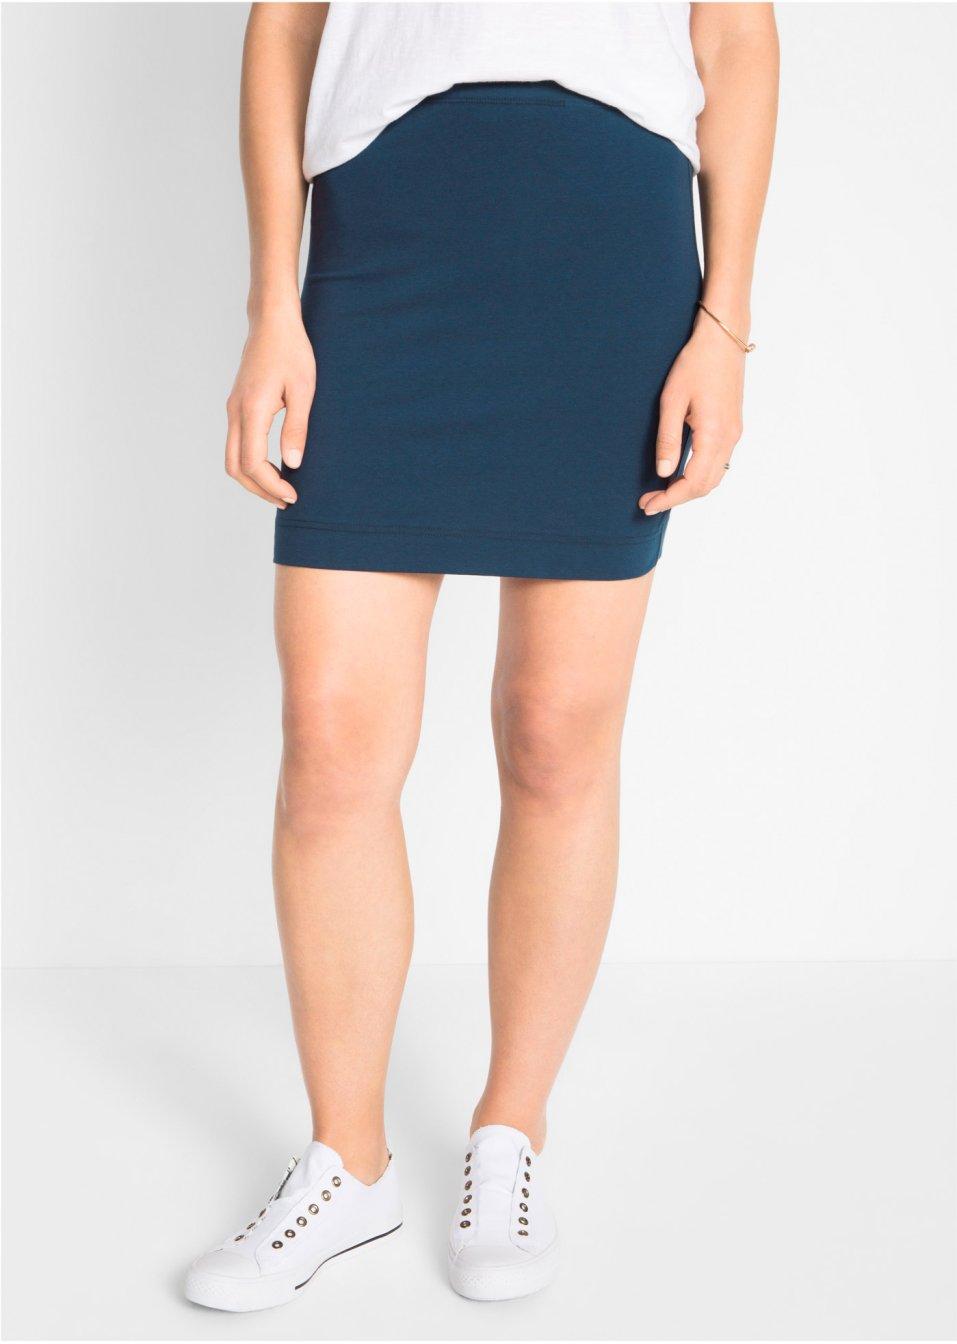 Modischer Shirtrock aus Stretch im Doppelpack - dunkelblau+schwarz 79d69880cd